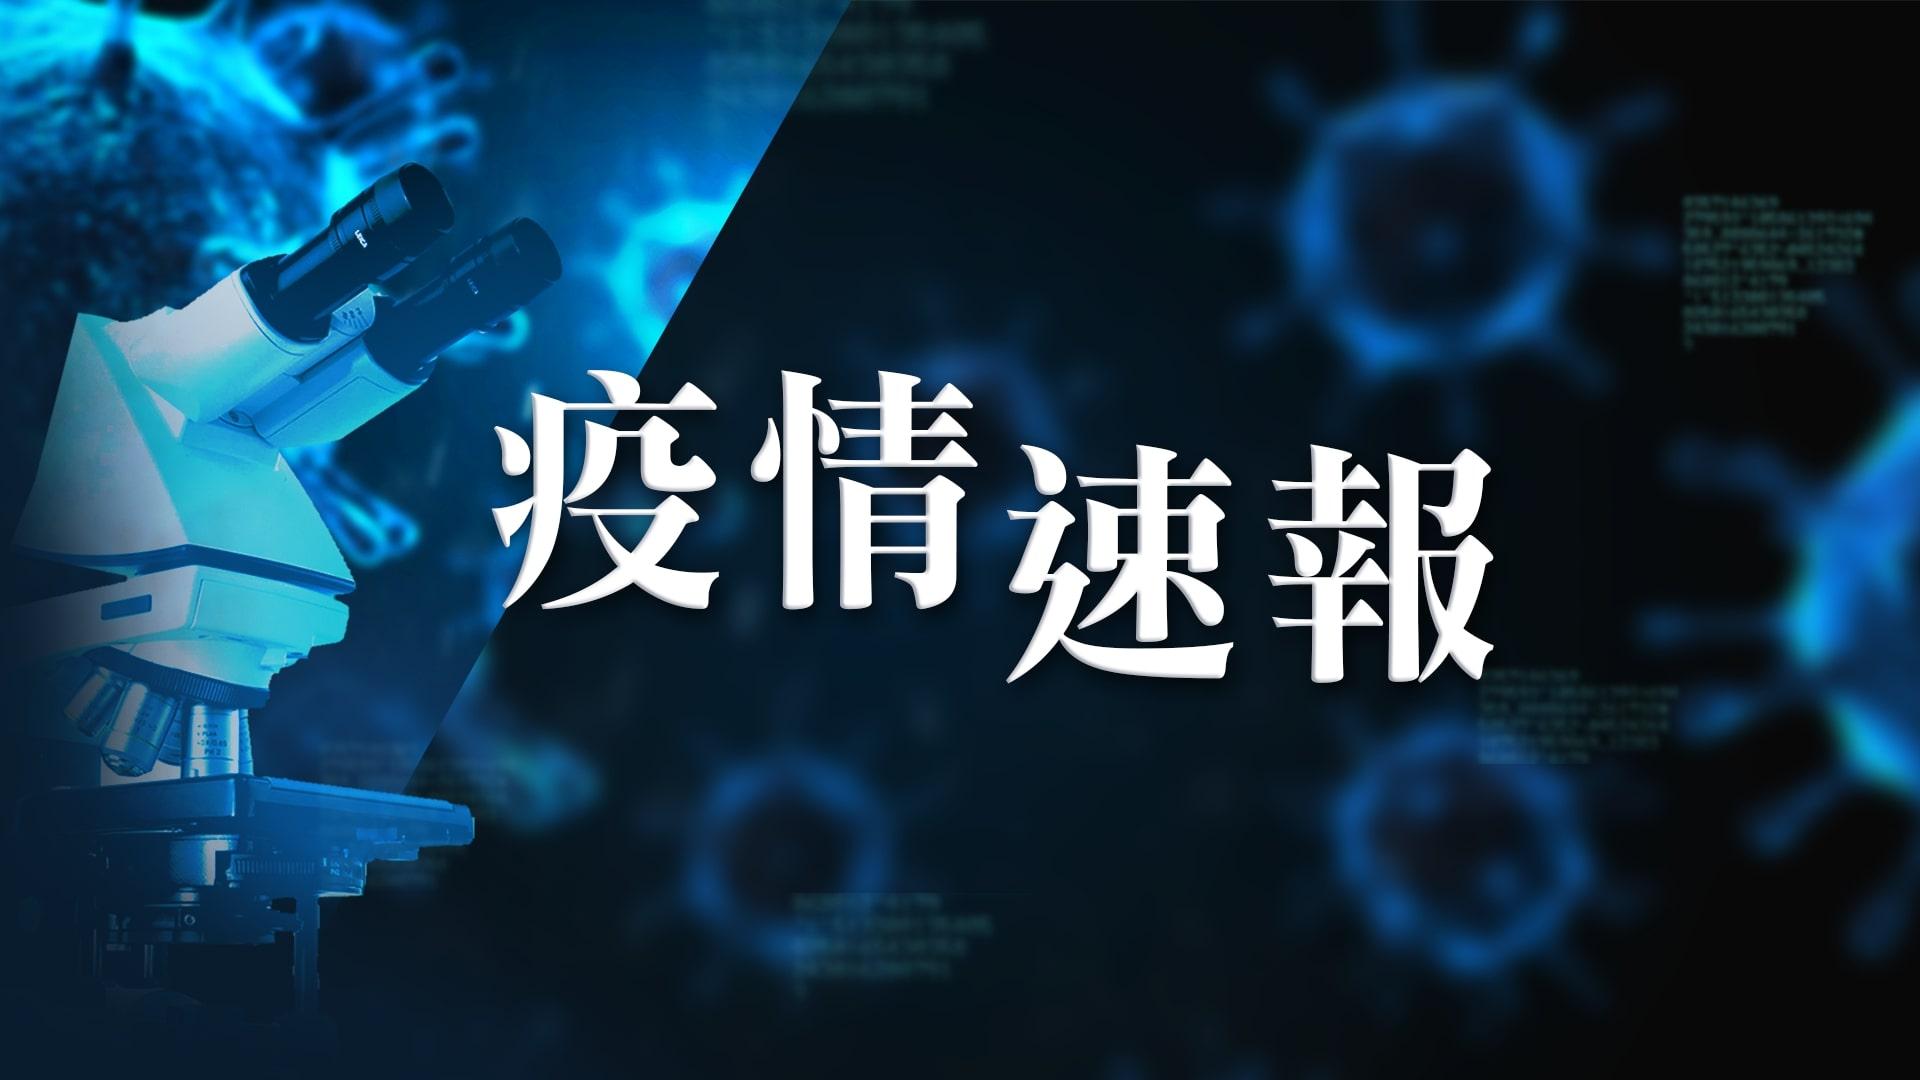 【4月7日疫情速報】(23:55)